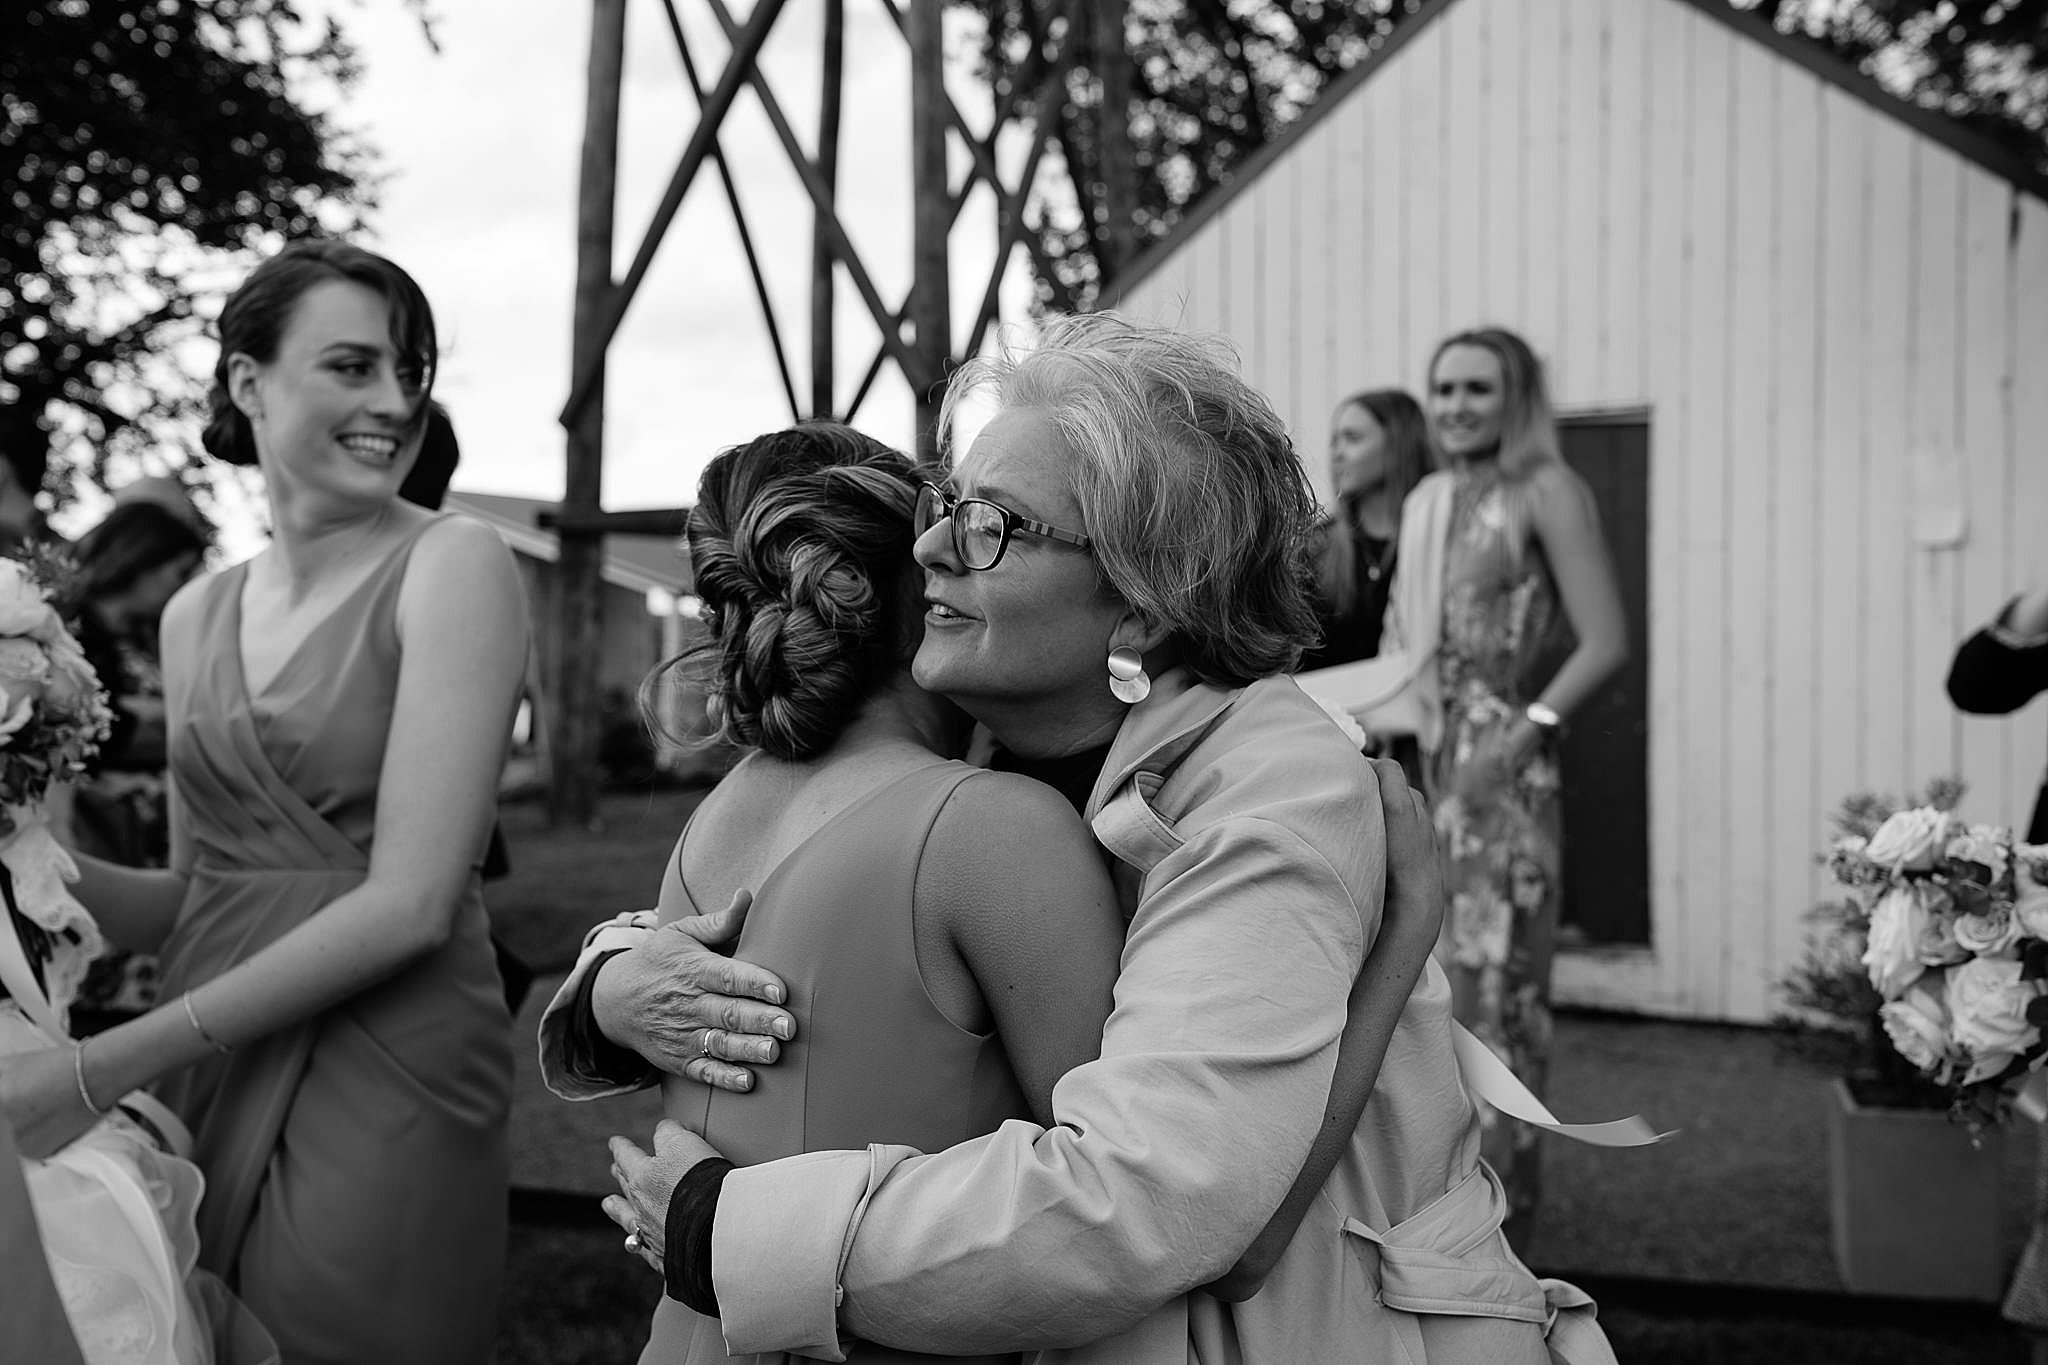 Keepsakephoto by the Keeffes,ACT wedding photographer,ACT weddings,Bowral Wedding Photographer,Canberra Wedding Photographer,canberra weddings,destination wedding photography,Urban Wedding,Wedding Inspiration,South Coast Wedding,